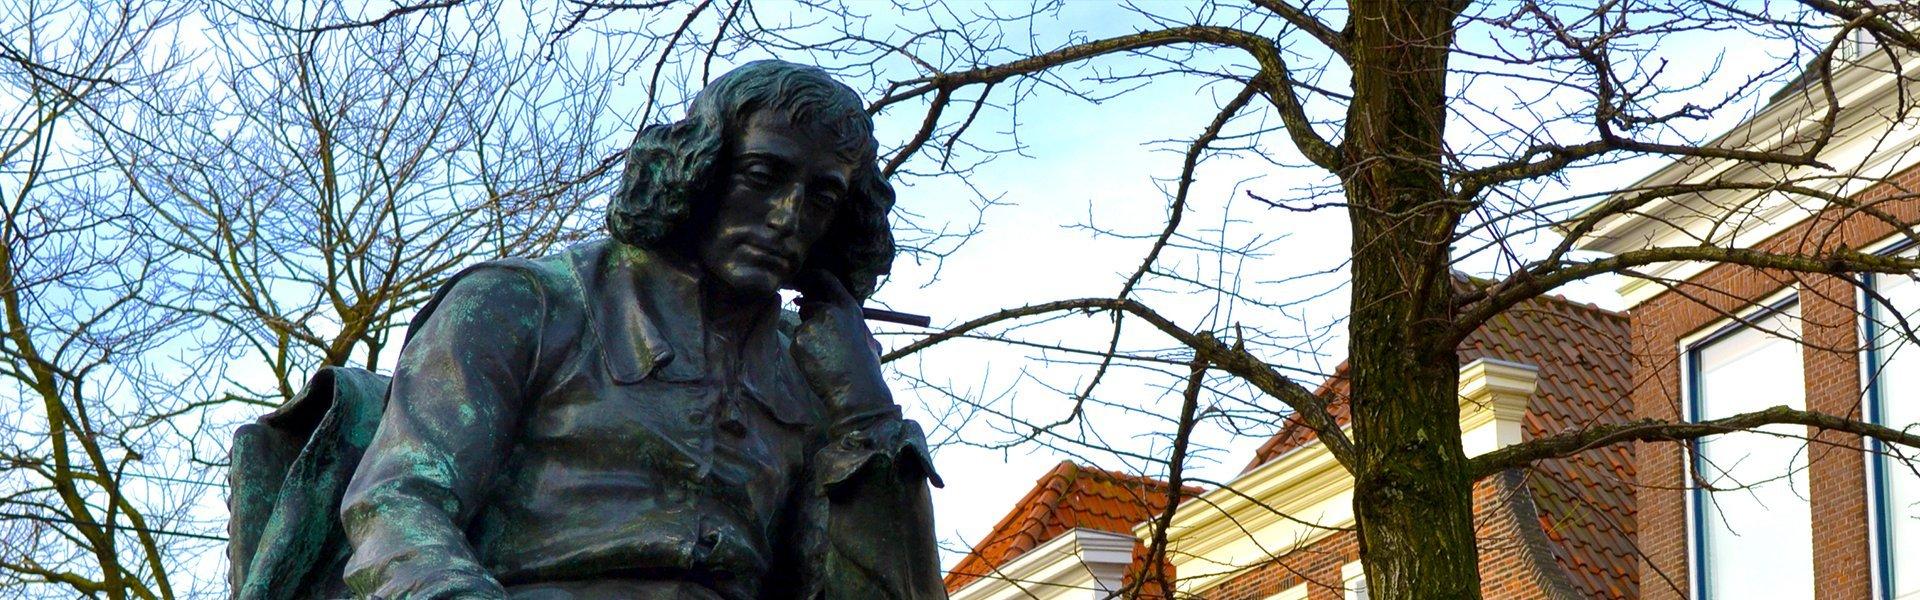 Beeld van Spinoza in Den Haag, Nederland